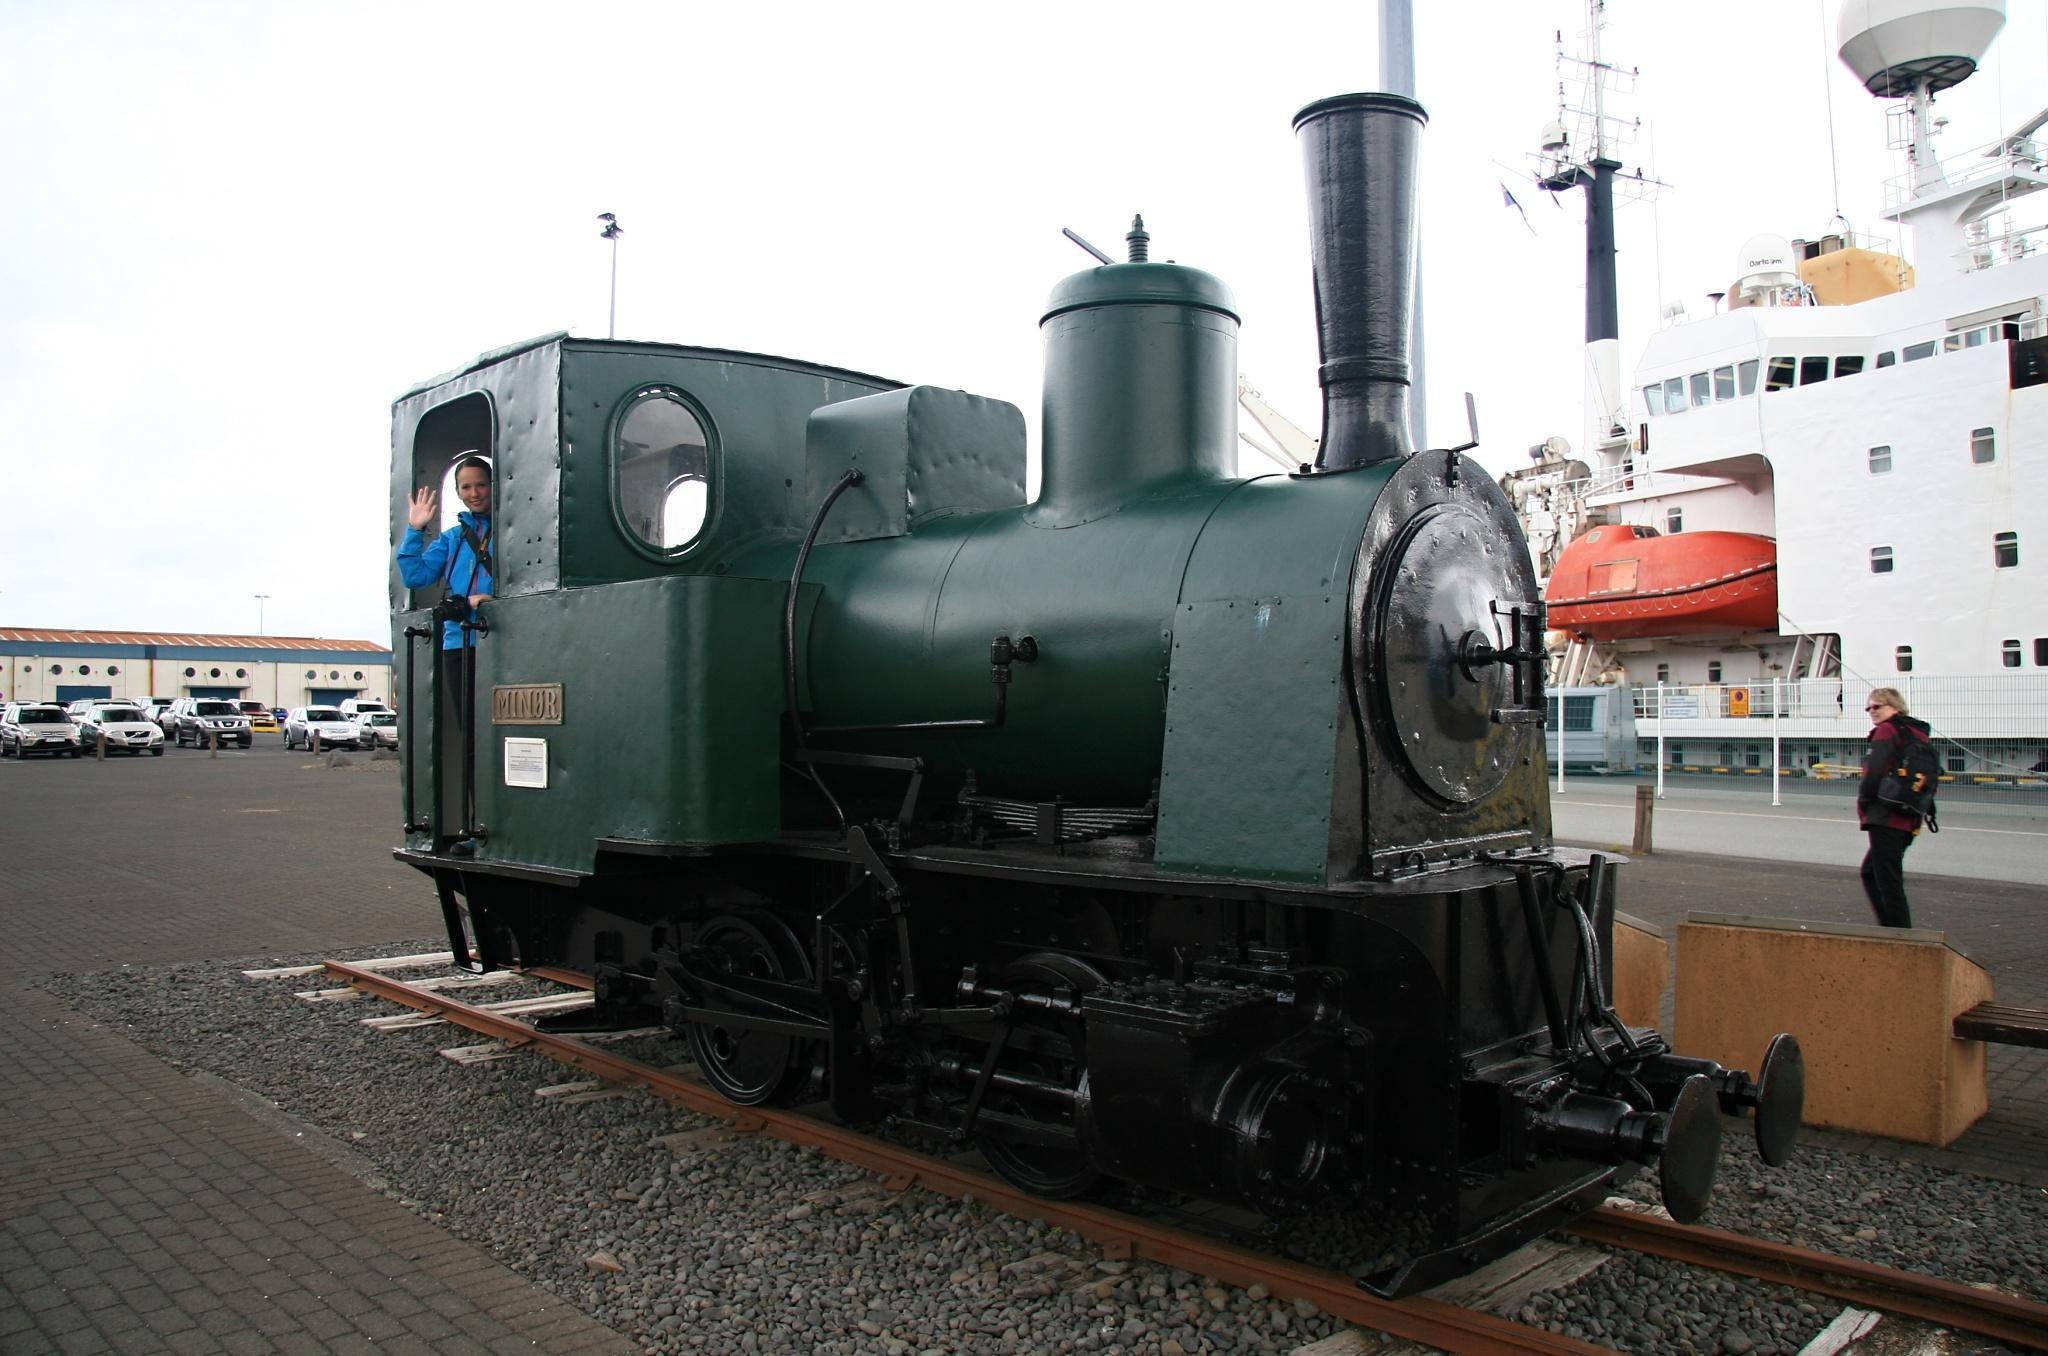 Jedna ze dvou parních lokomotiv, které stavěly doky v Reykjavíku